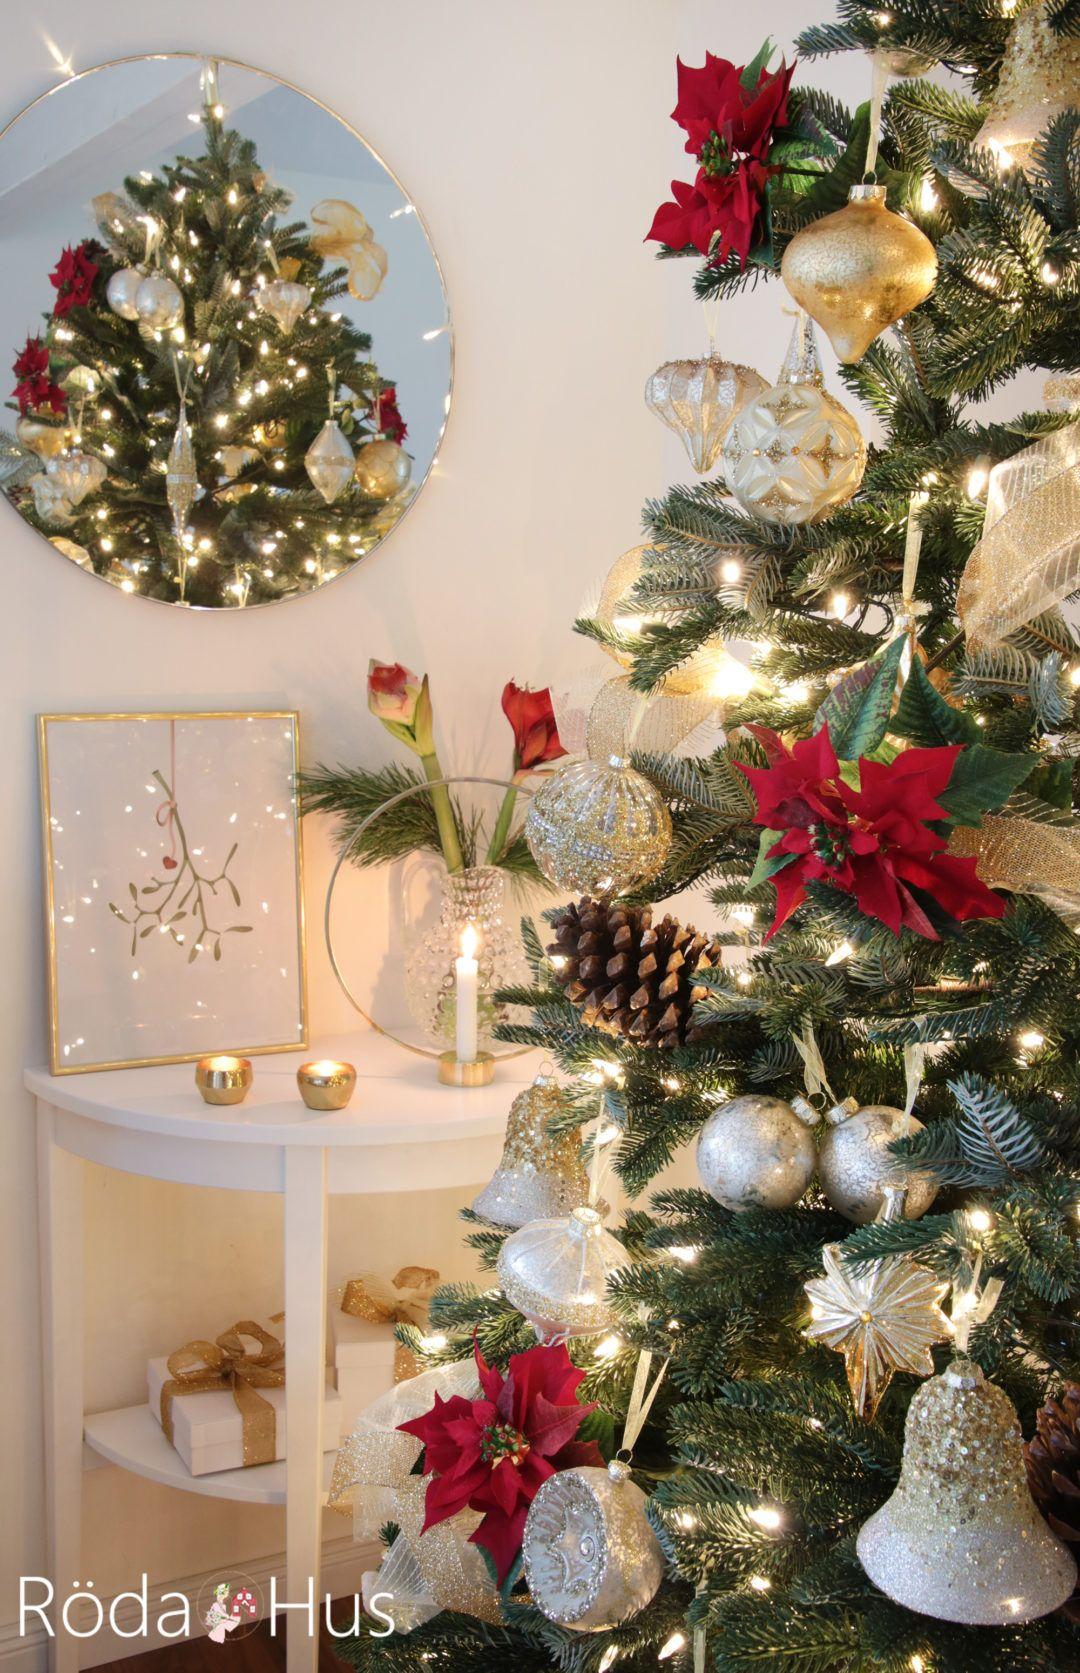 das weihnachtsfest  lampen wohnzimmer weihnachtsfest